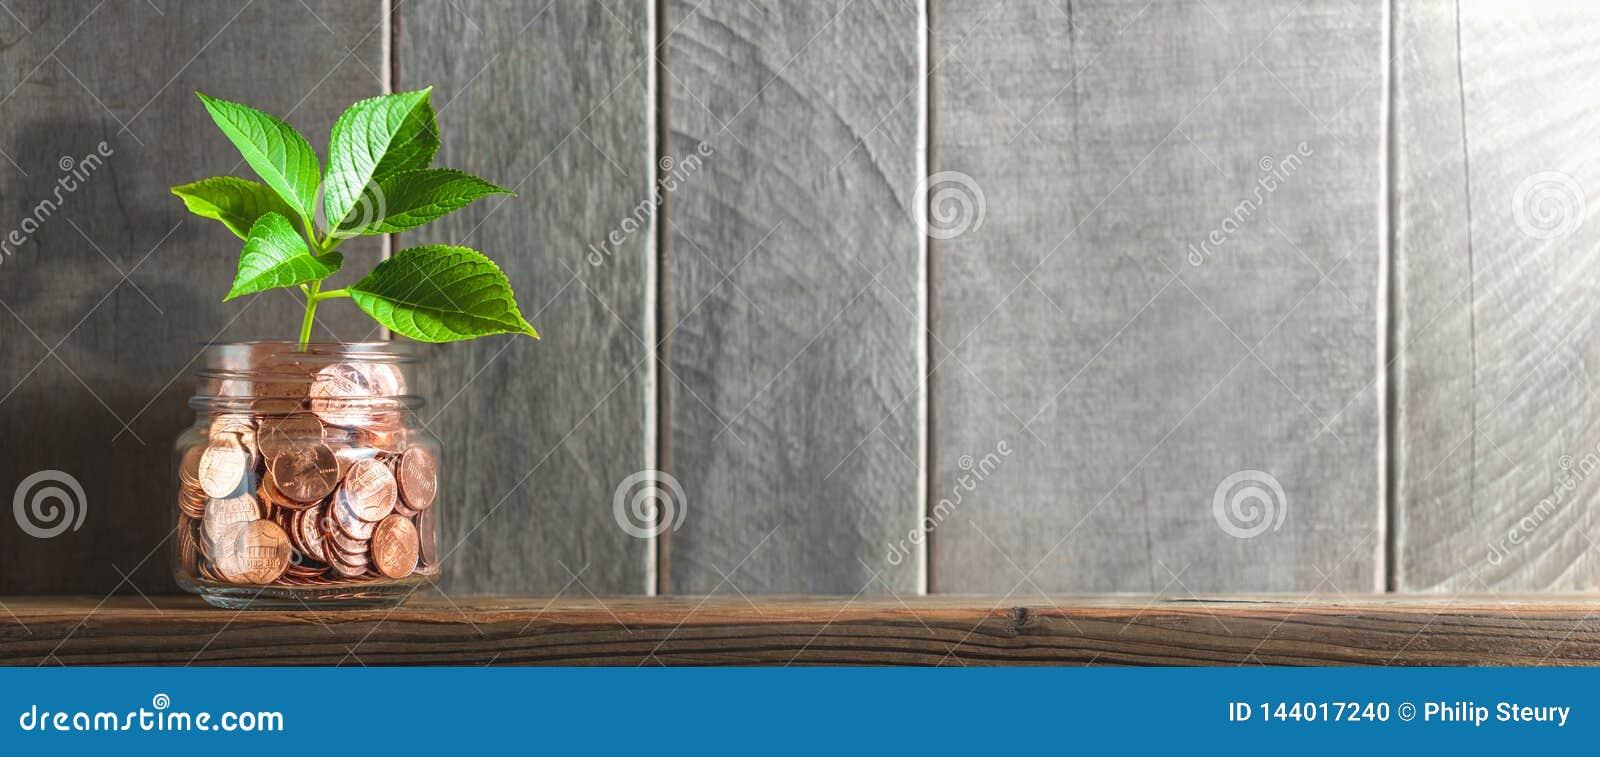 Jeune usine s élevant hors du pot de pièce de monnaie sur l étagère avec le fond et la lumière du soleil en bois - croissance fin